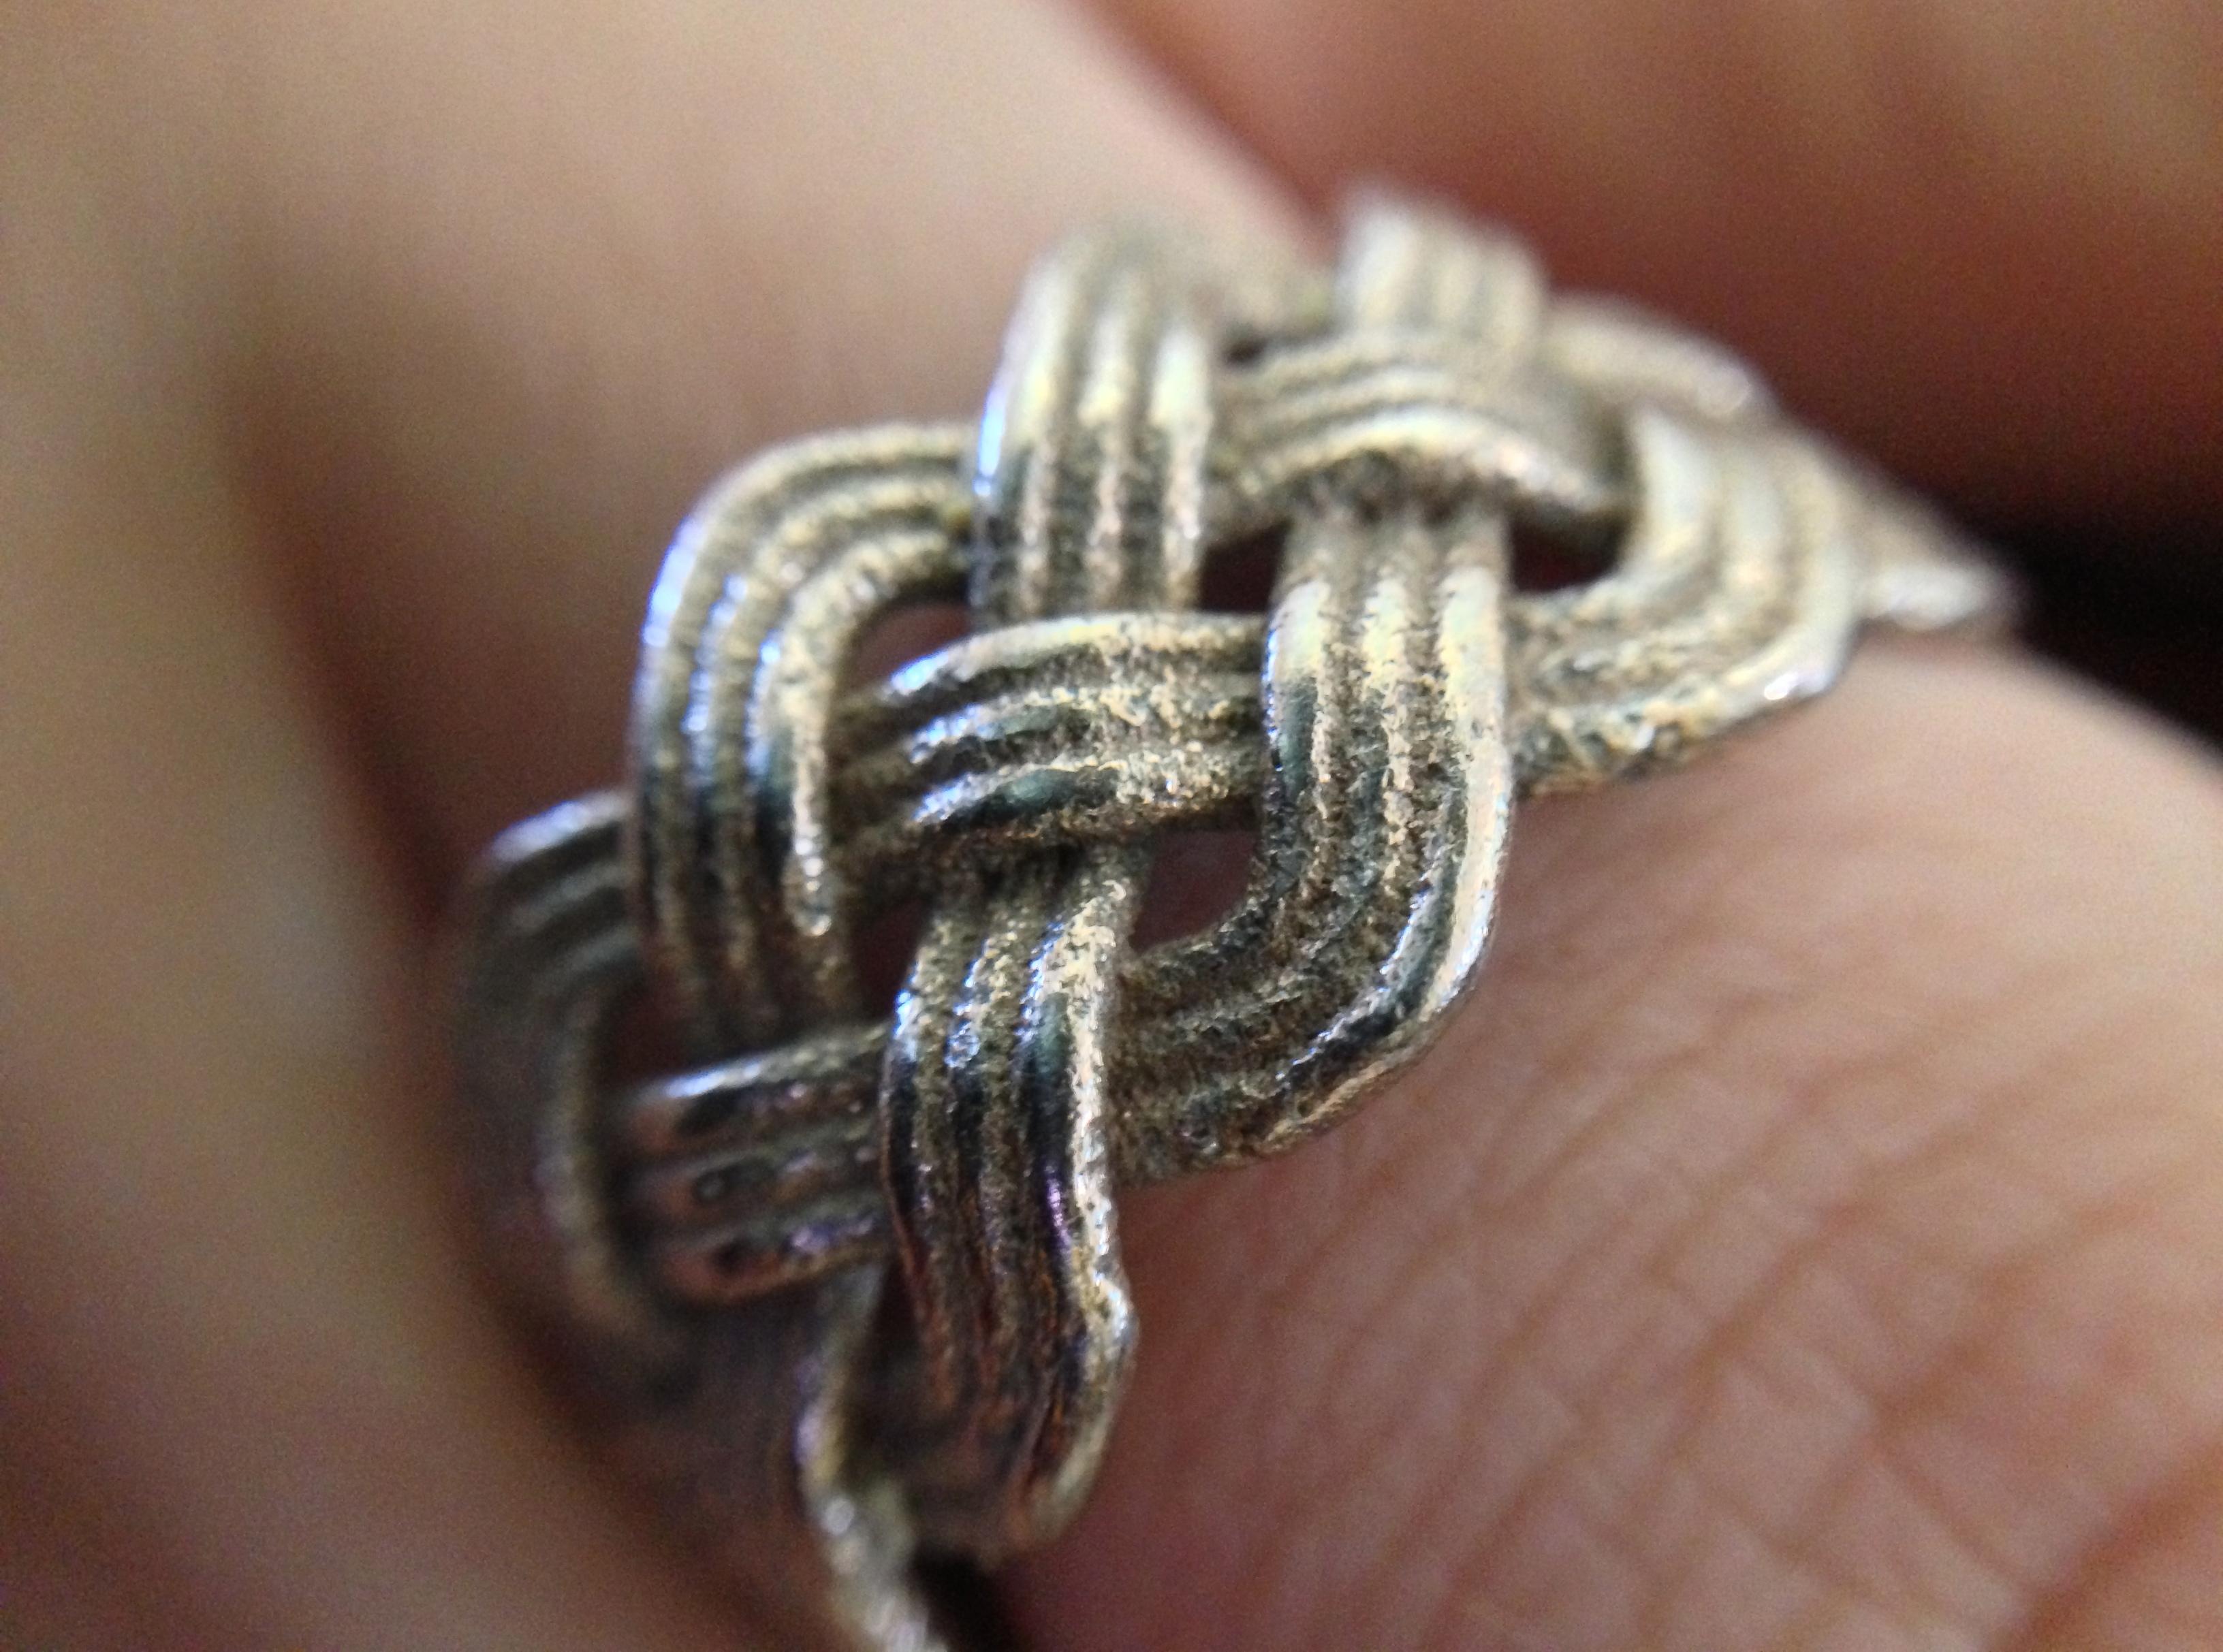 3D printed Turk's head rings